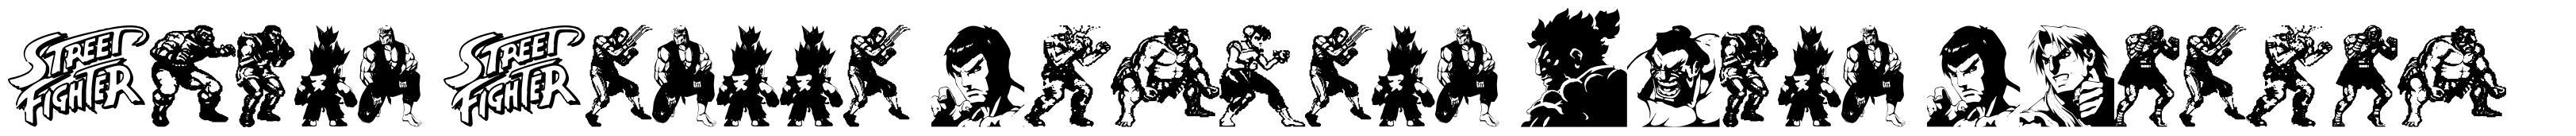 Super Street Fighter Hyper Fonting font